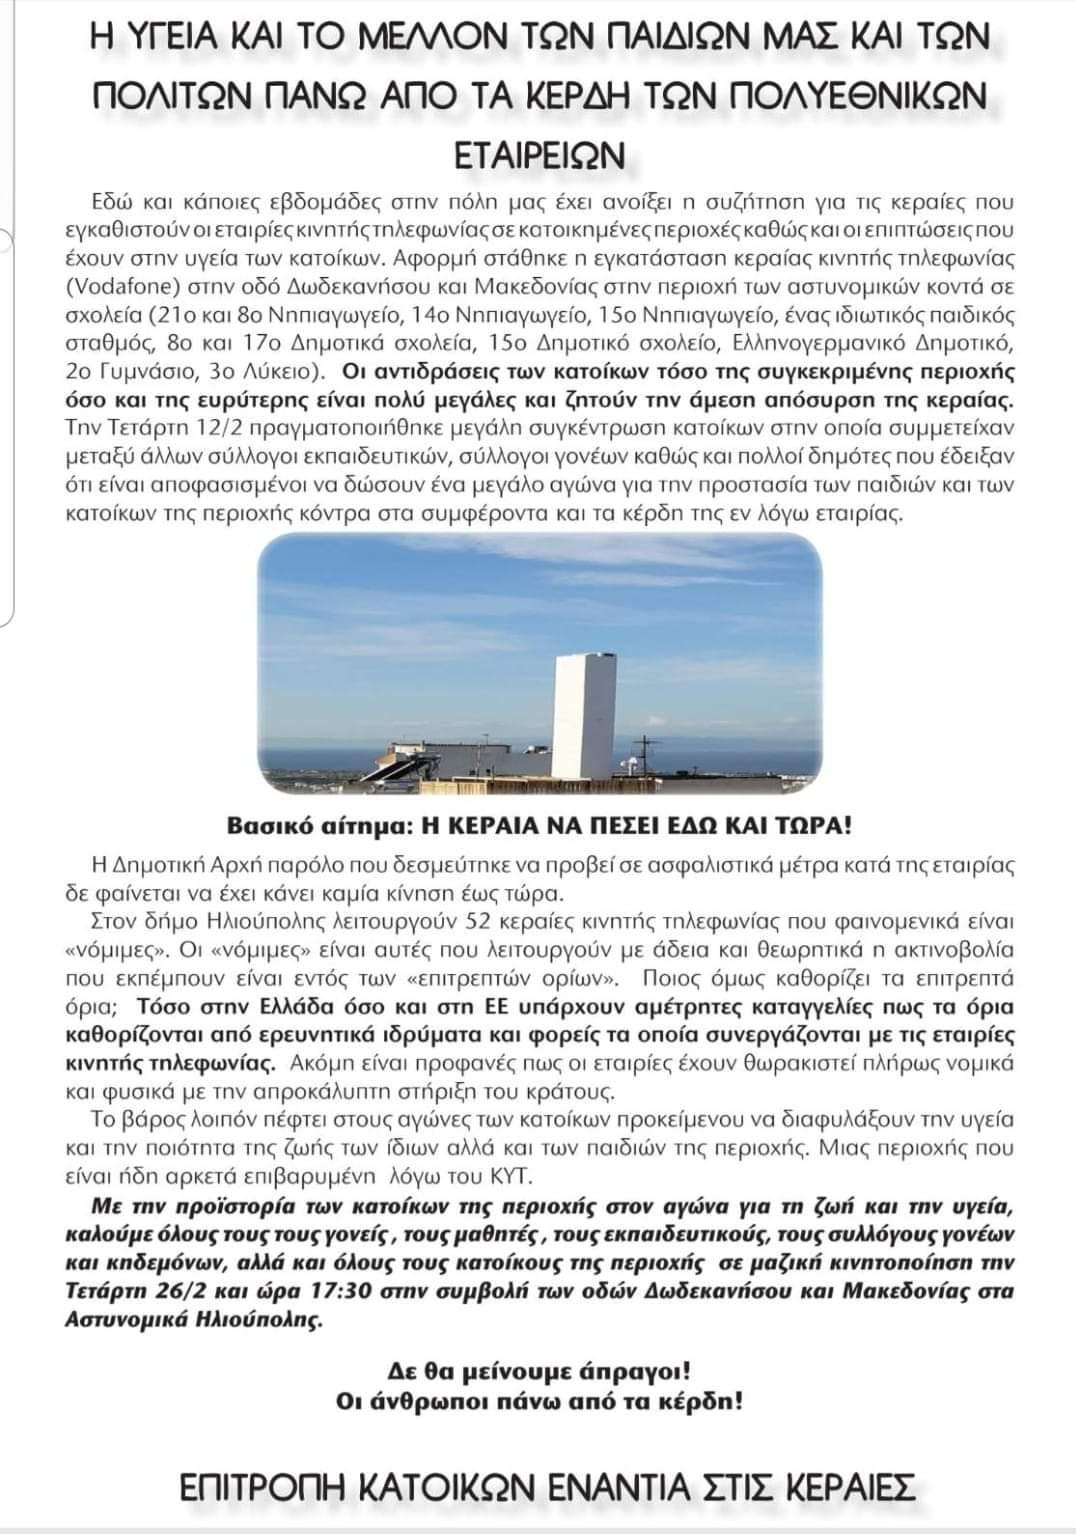 Ηλιούπολη:Κάλεσμα από την Επιτροπή κατοίκων ενάντια στις κεραίες